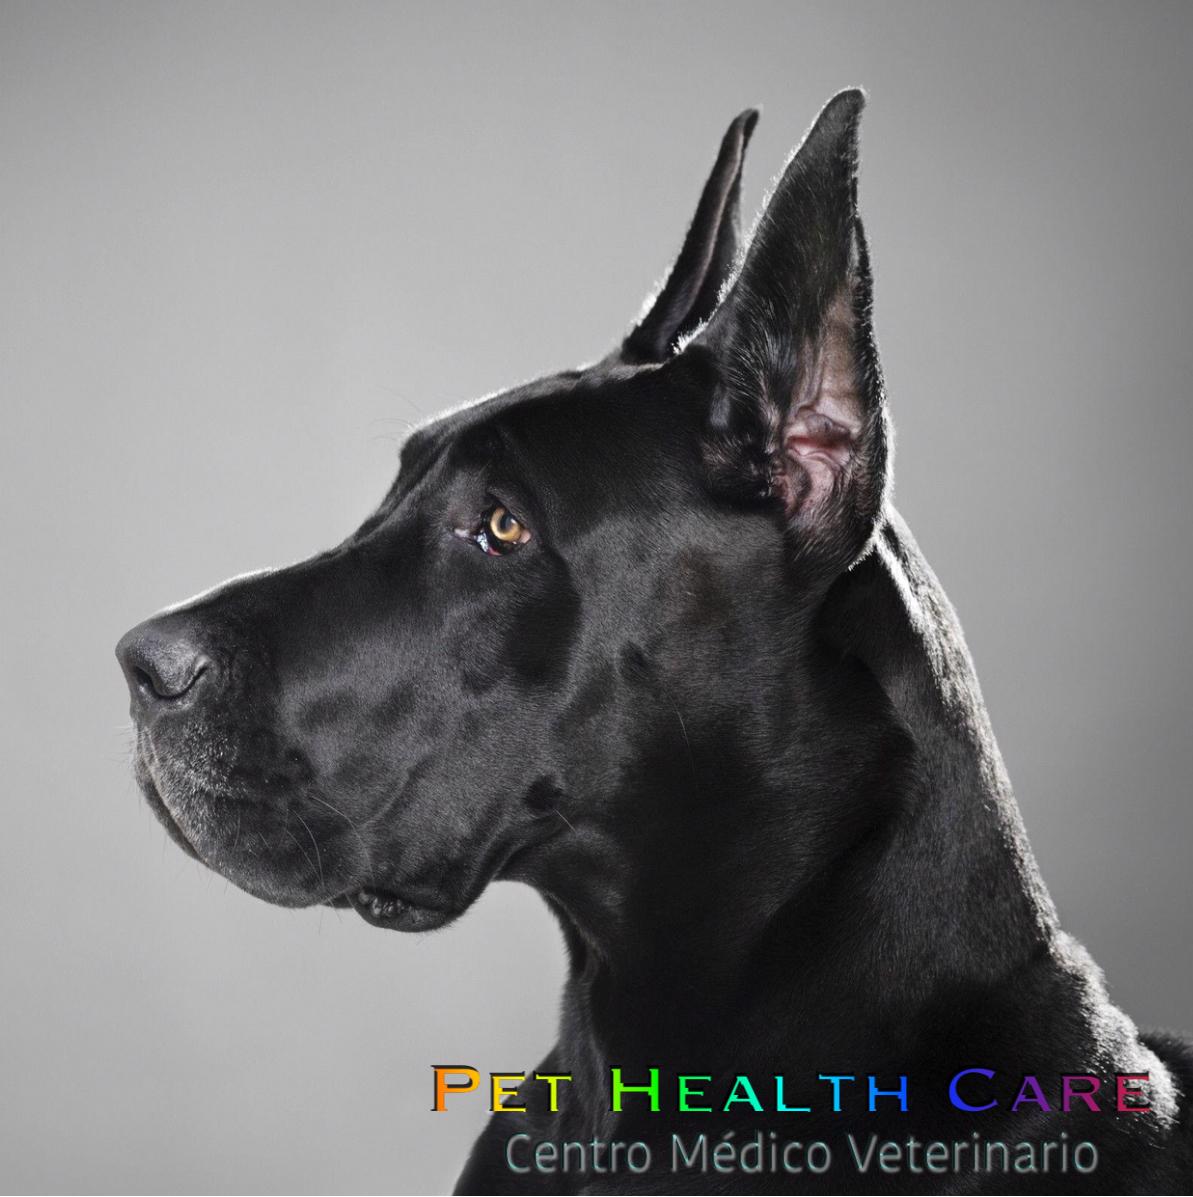 Descripción y personalidad de los perros raza Gran Danés !!! https://t.co/X5Np5f73PK #perros #dogs #ilovedogs #doglovers #mascotas #pets #petlovers #colombia #tunja #veterinaria #veterinary #petshop #grooming #pethealthcare https://t.co/6JihR8bpEB